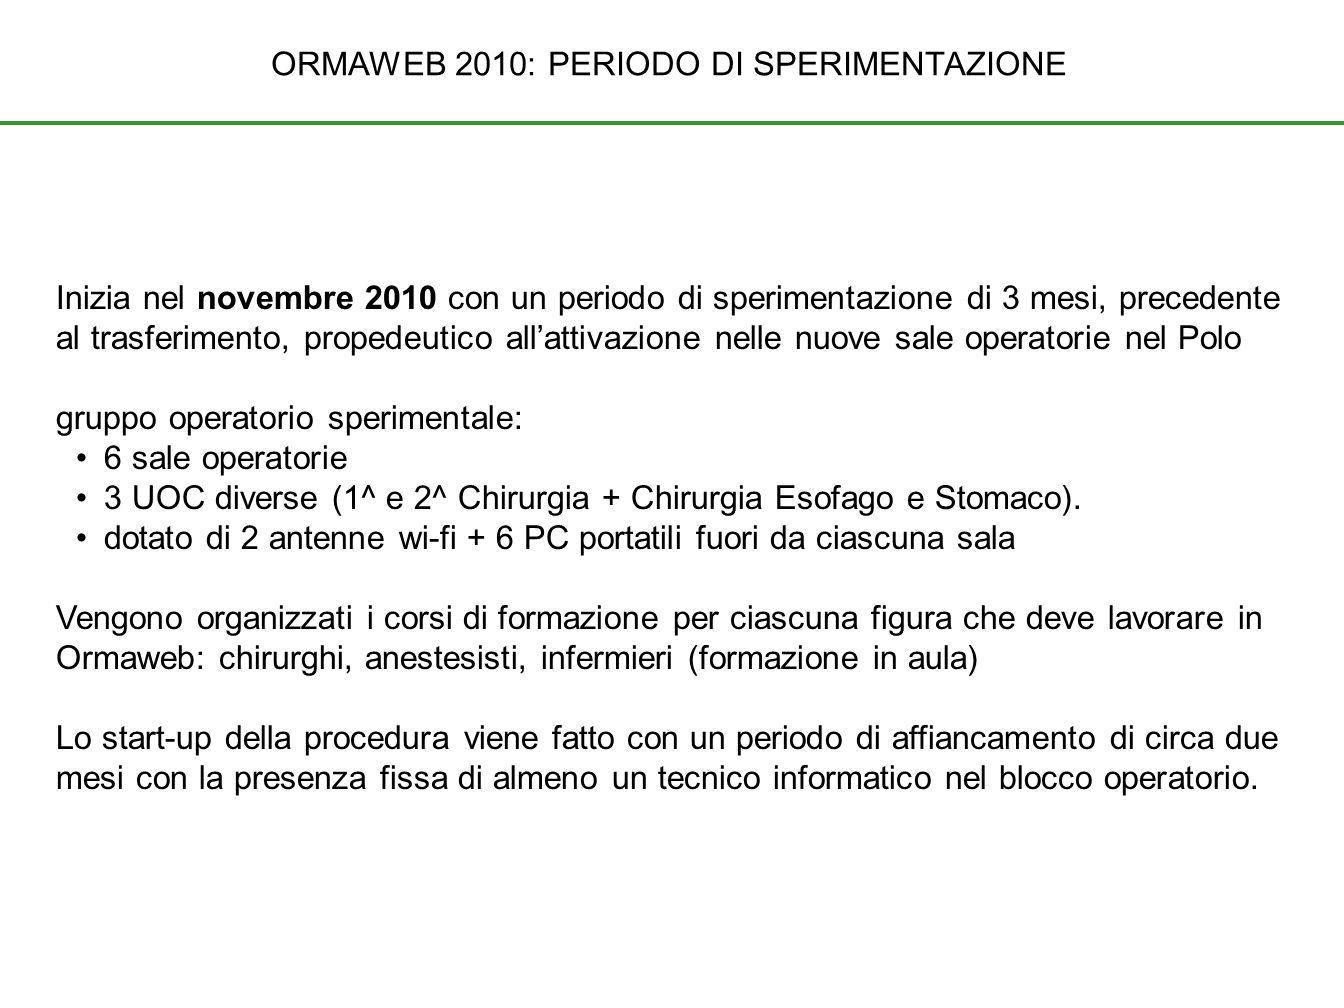 ORMAWEB 2010: PERIODO DI SPERIMENTAZIONE